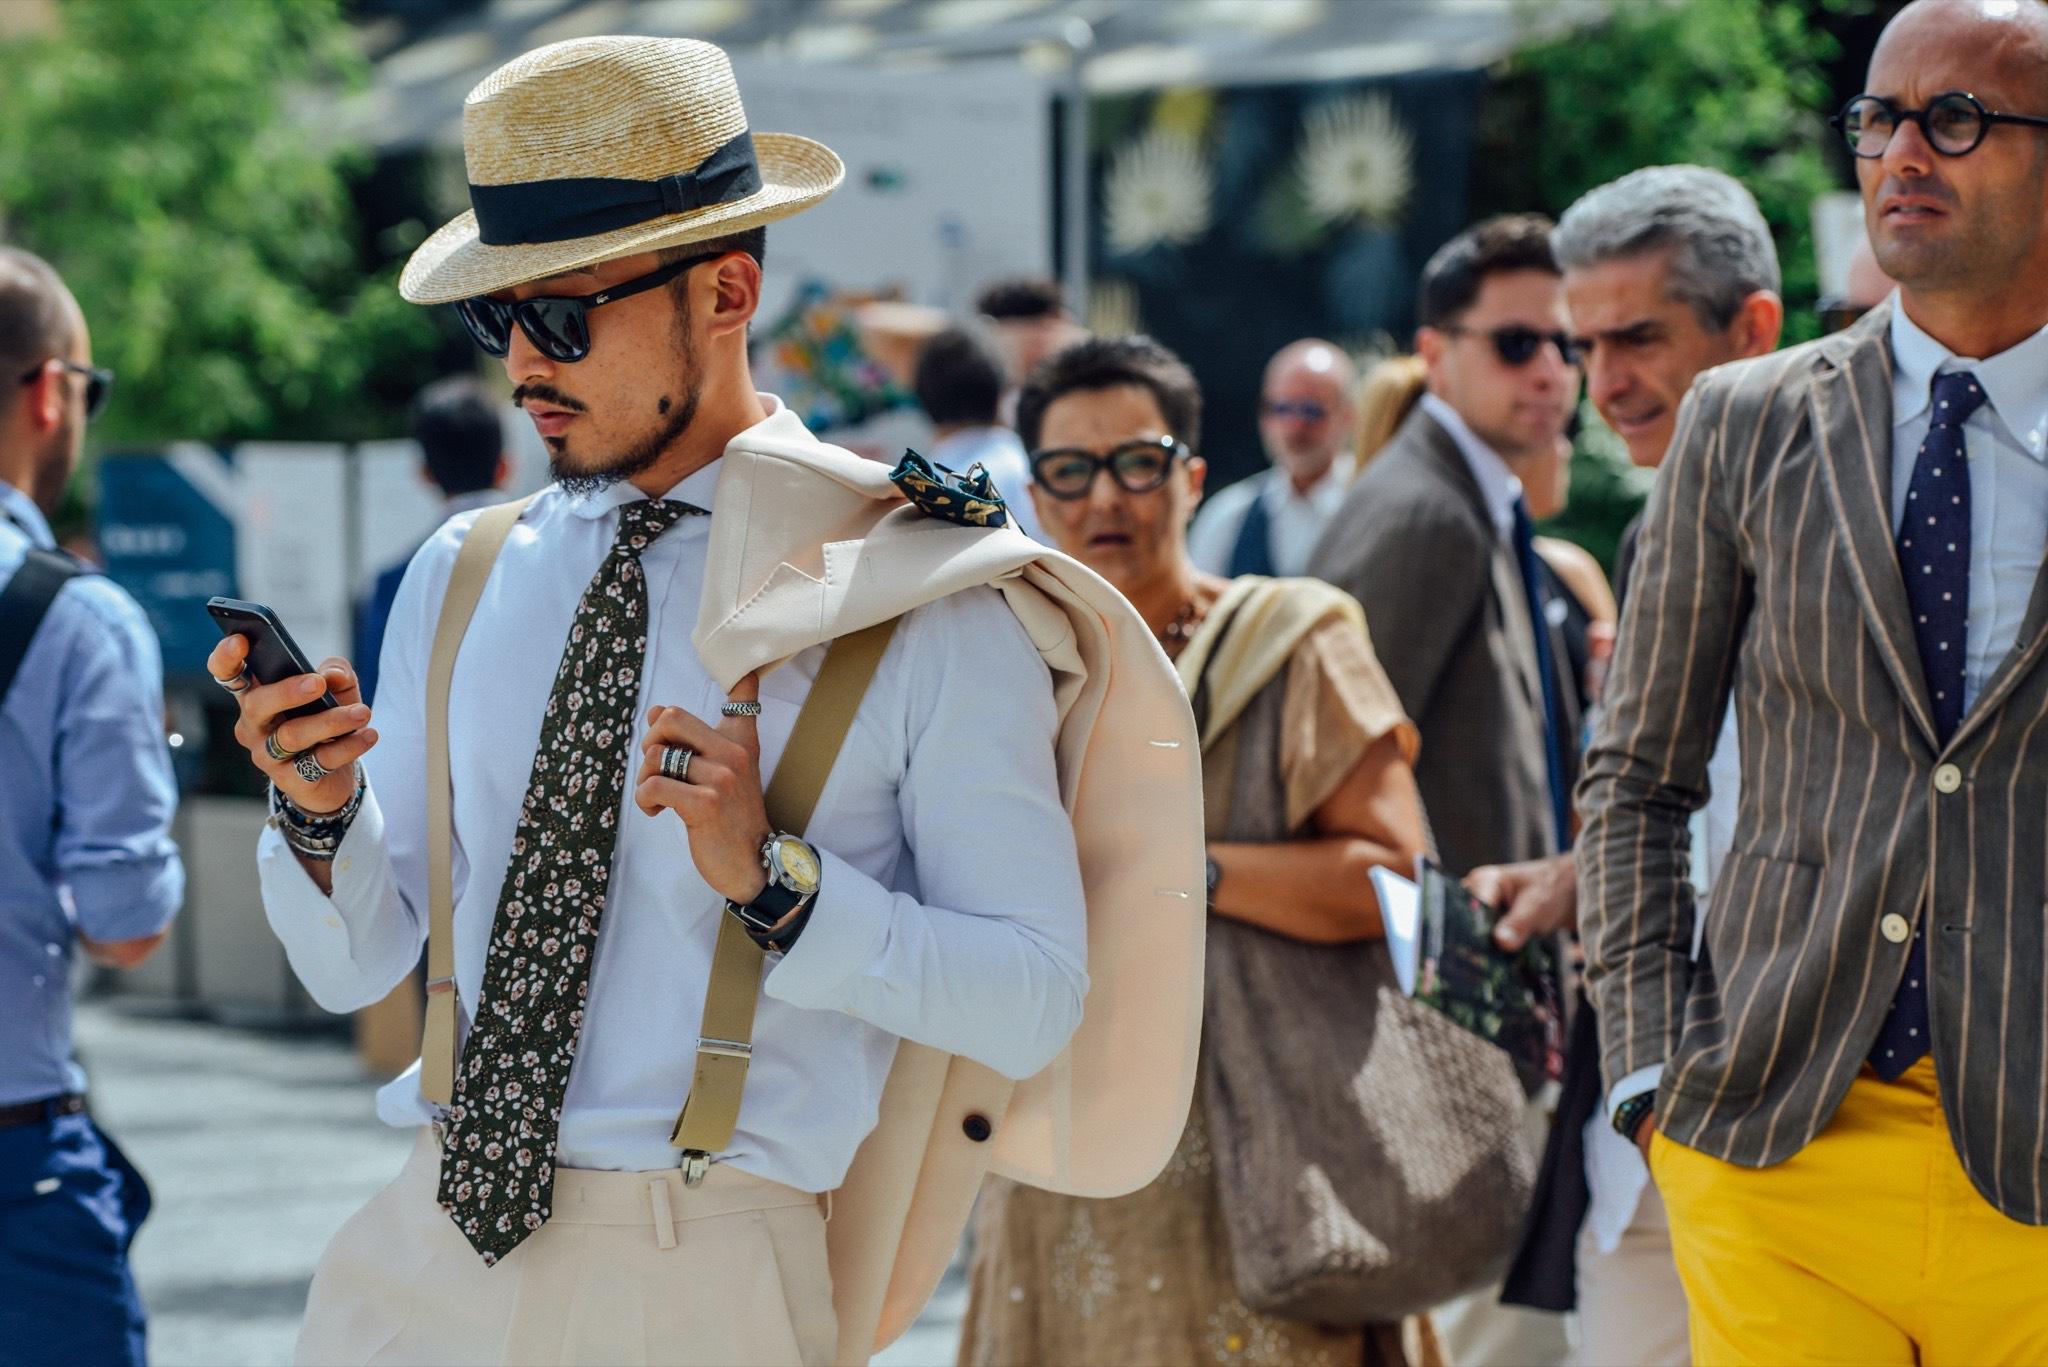 In Defense of Suspenders